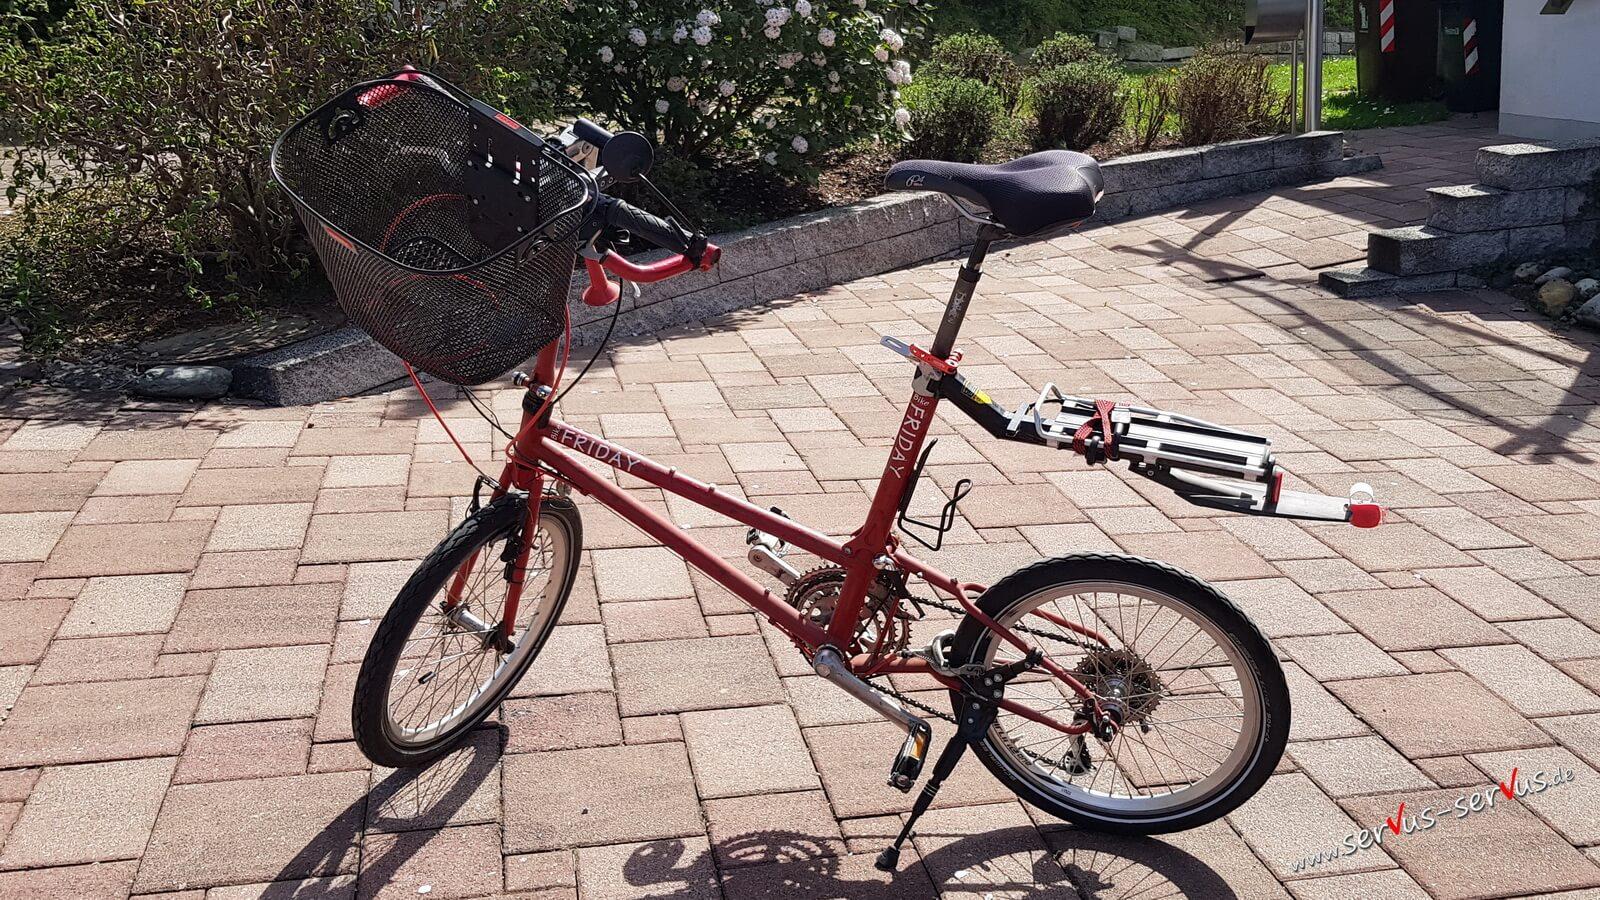 Mein Bike Friday im Freizeitlook